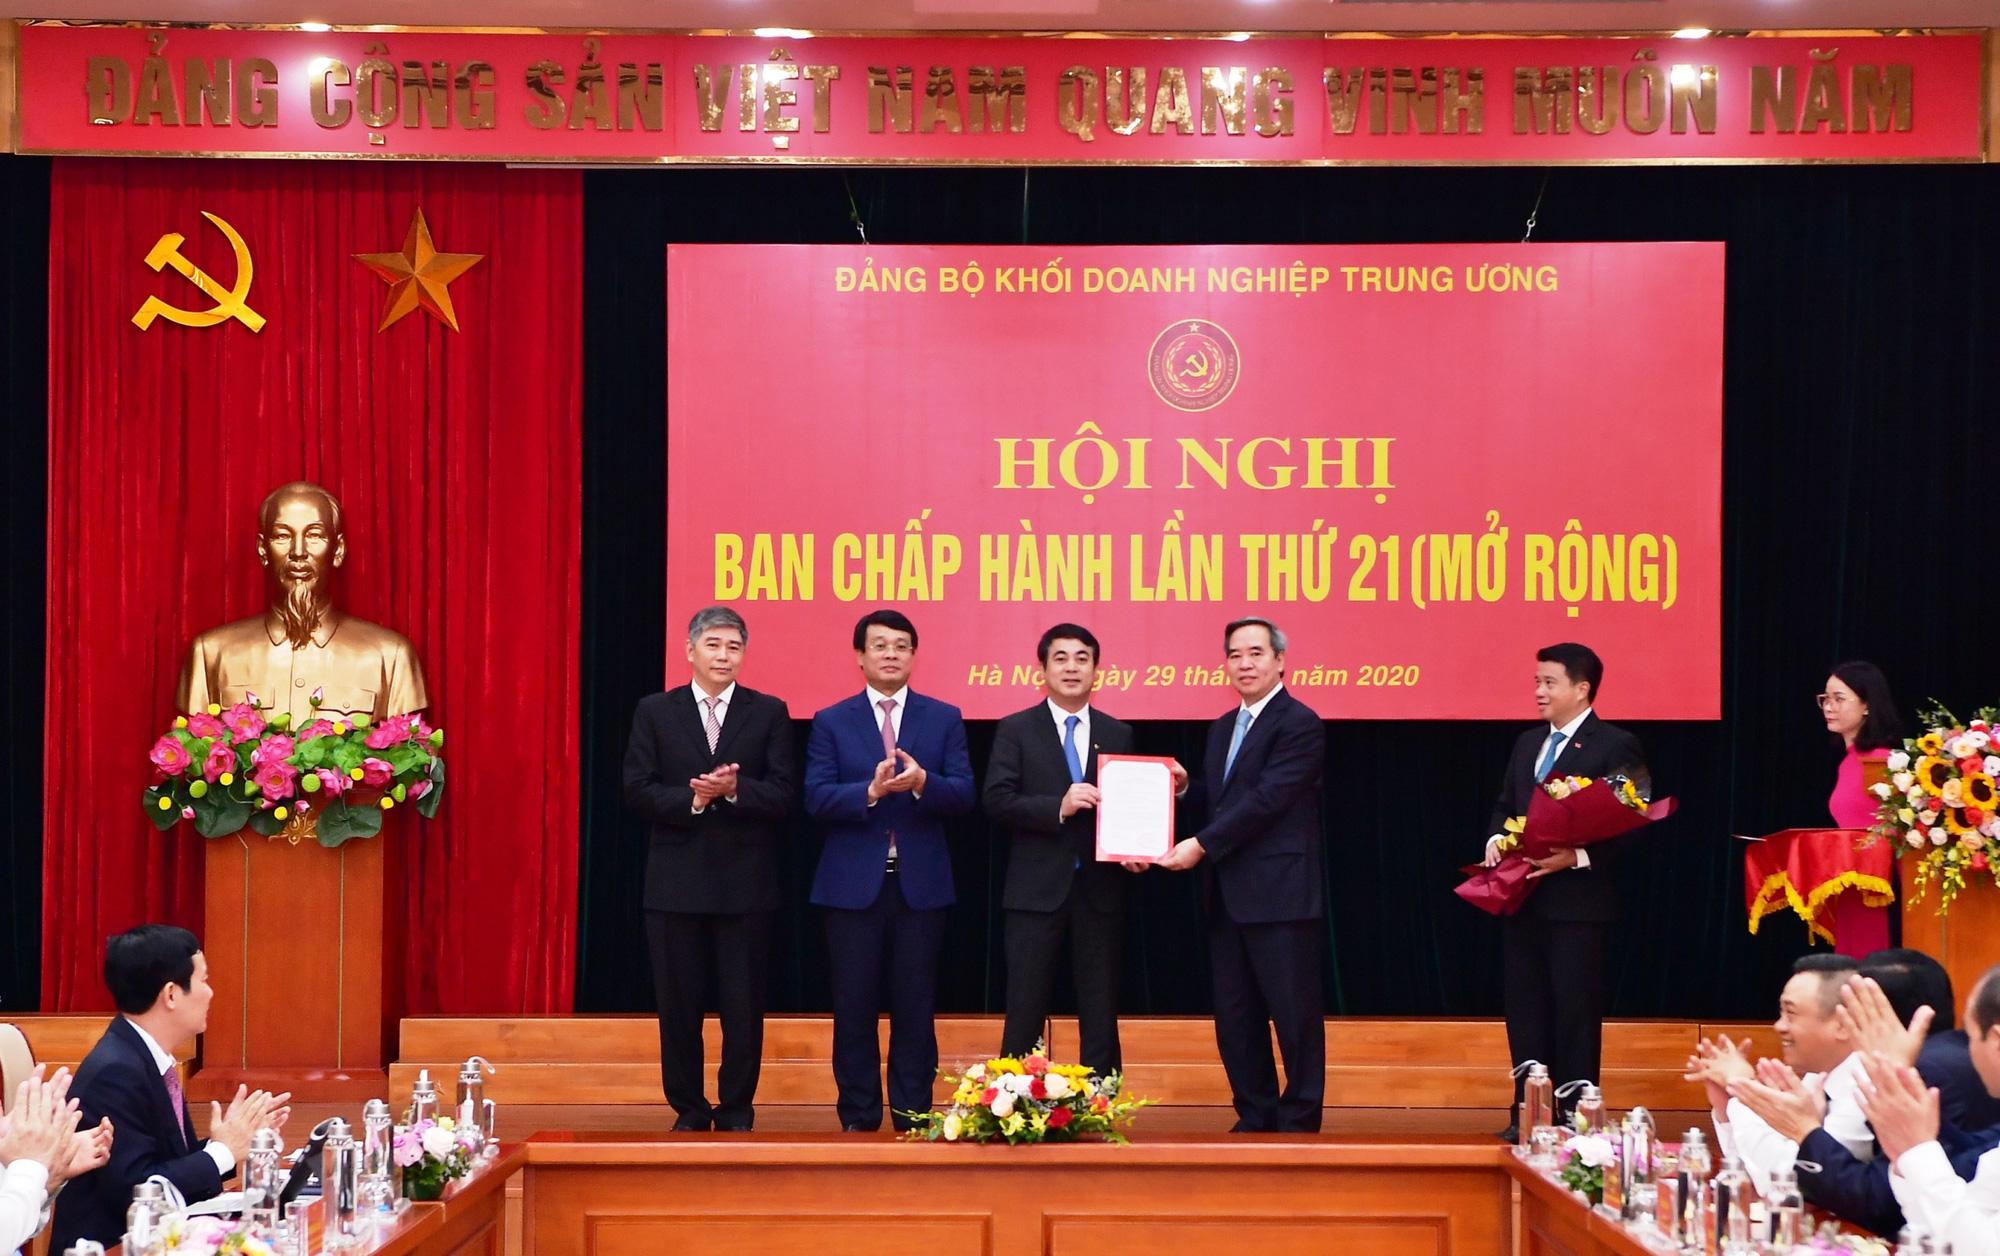 Chủ tịch HĐQT Vietcombank giữ chức Ủy viên Ban Thường vụ Đảng ủy Khối Doanh nghiệp Trung ương - Ảnh 1.